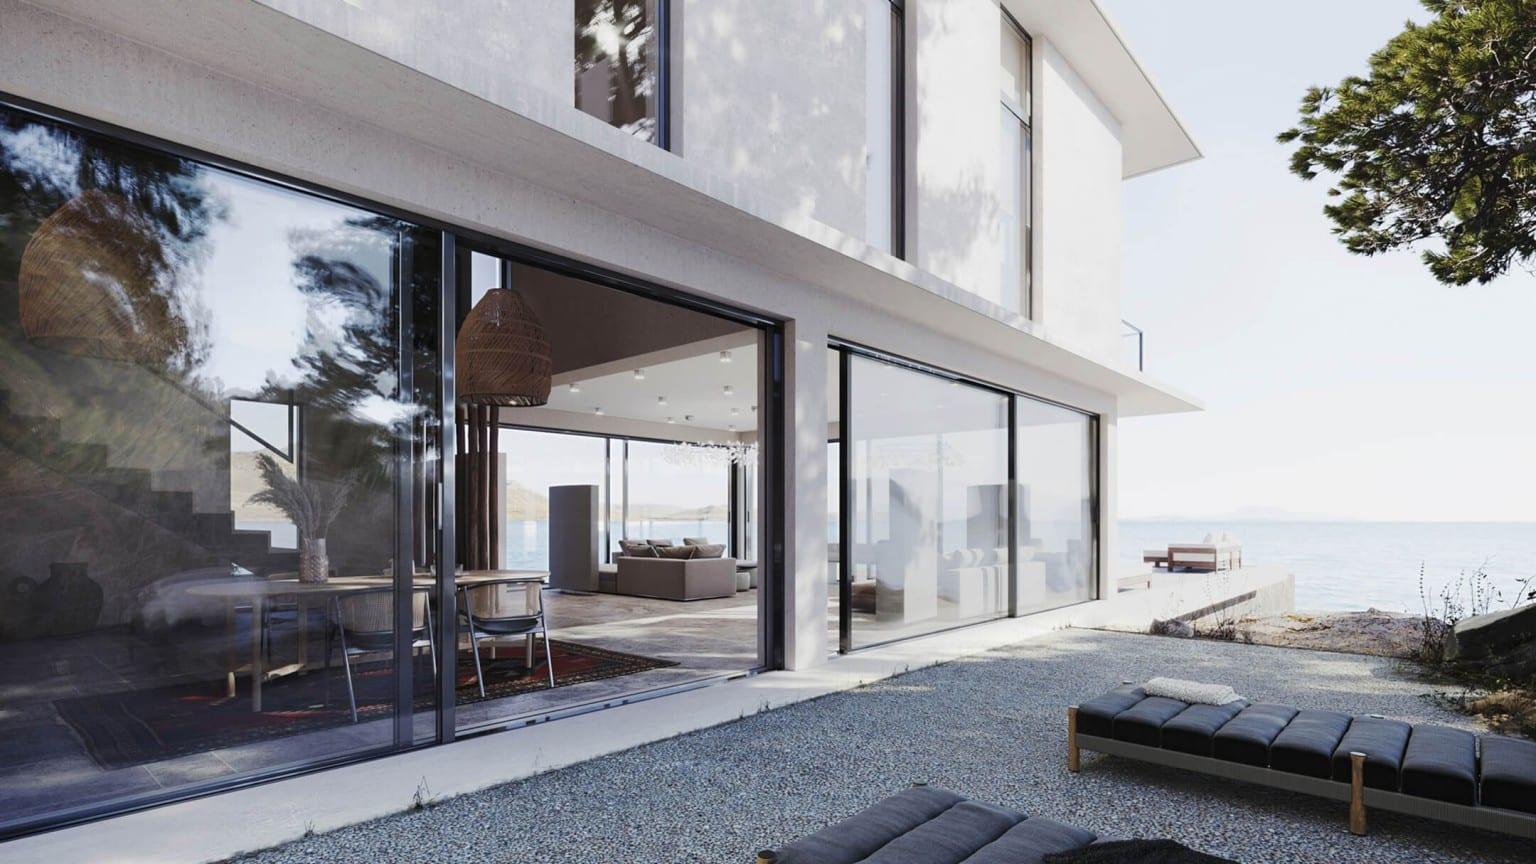 Visualização externa de uma casa - Arquiteto: promova de maneira inteligente seus serviços com a visualização 3D